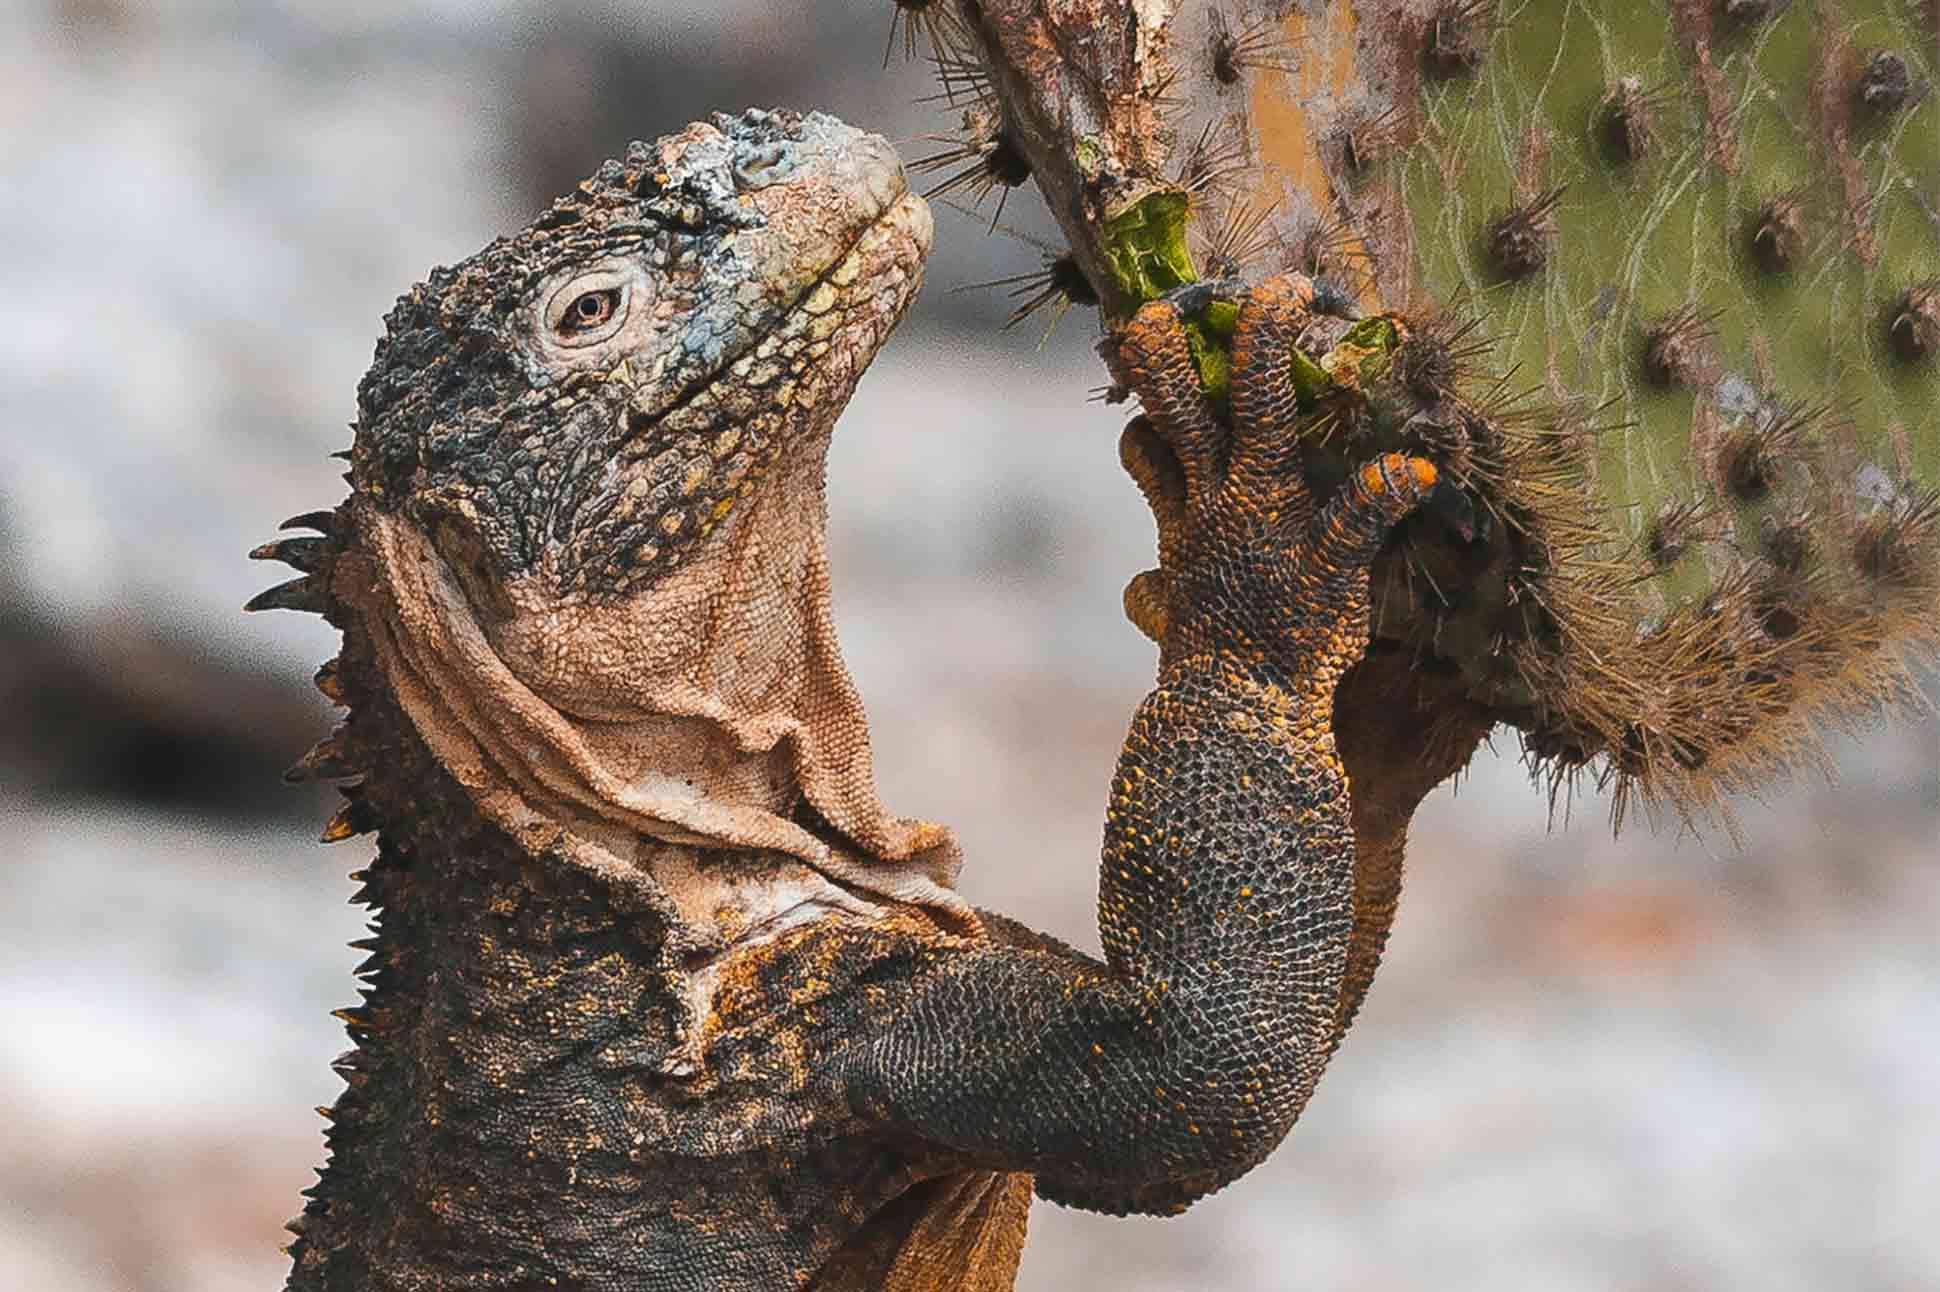 Natural selection <br> Galápagos Islands, Ecuador